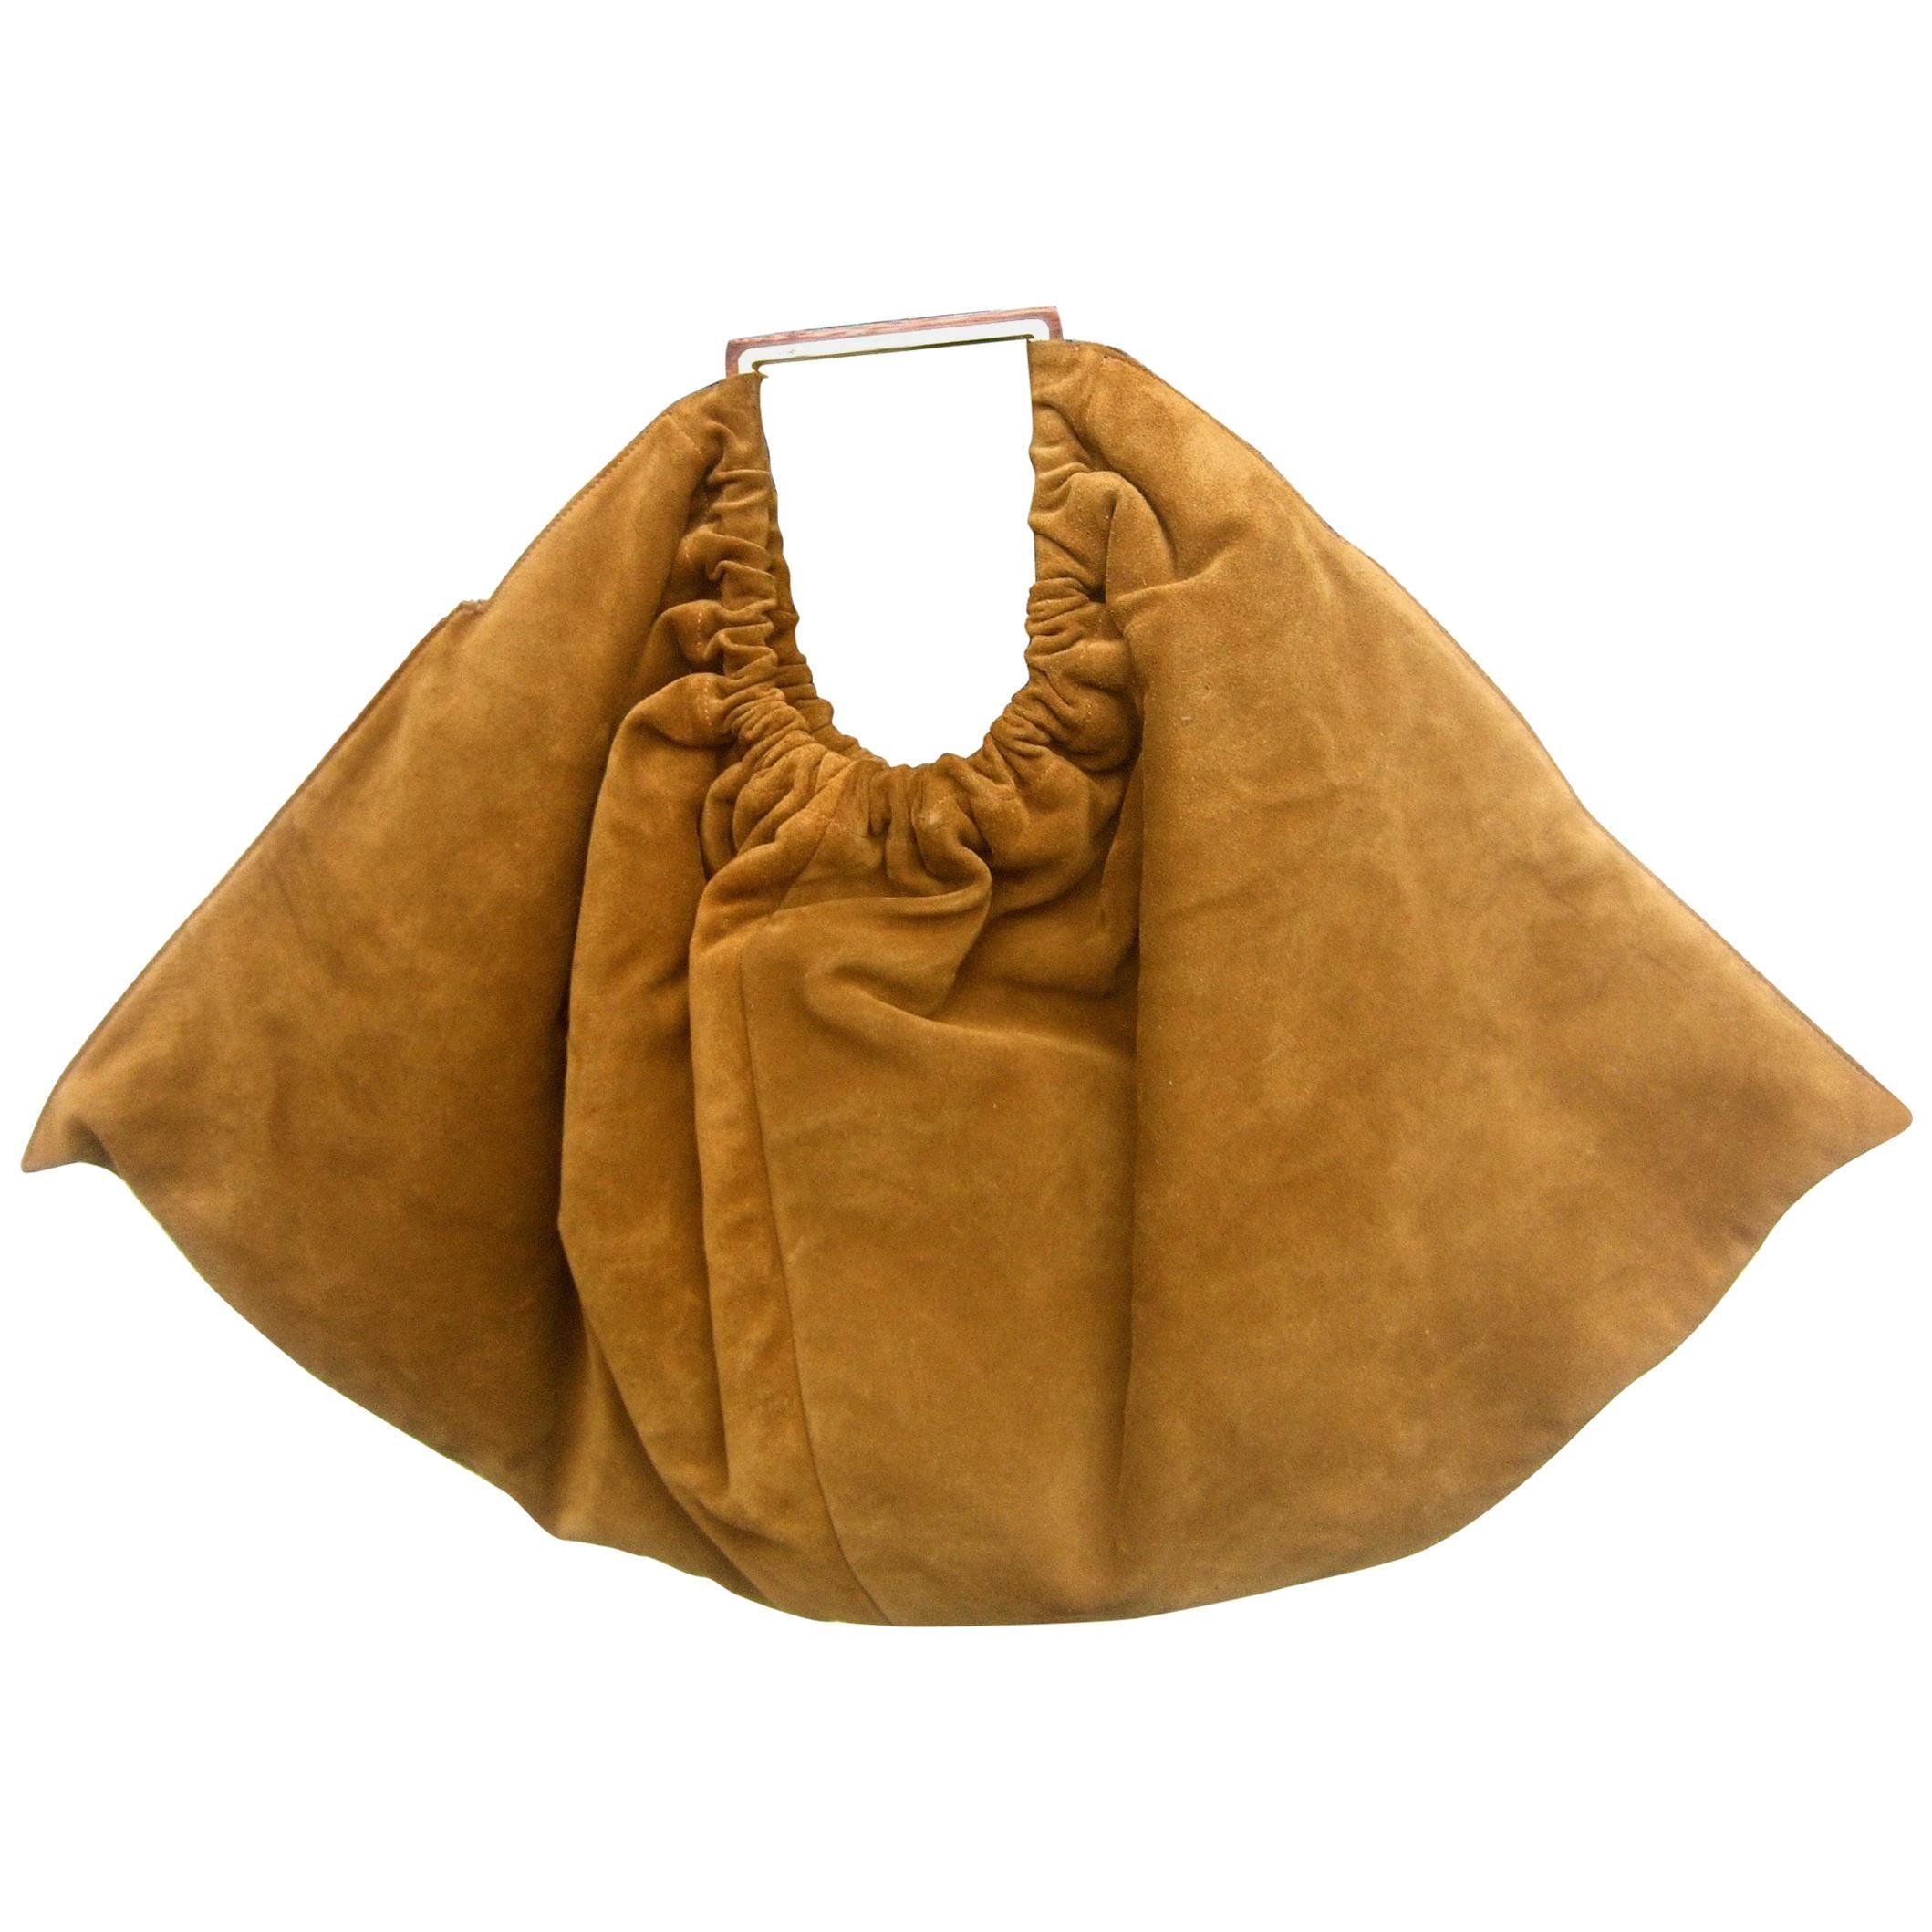 Versace Italian Brown Suede Large Scale Handbag circa 1990s